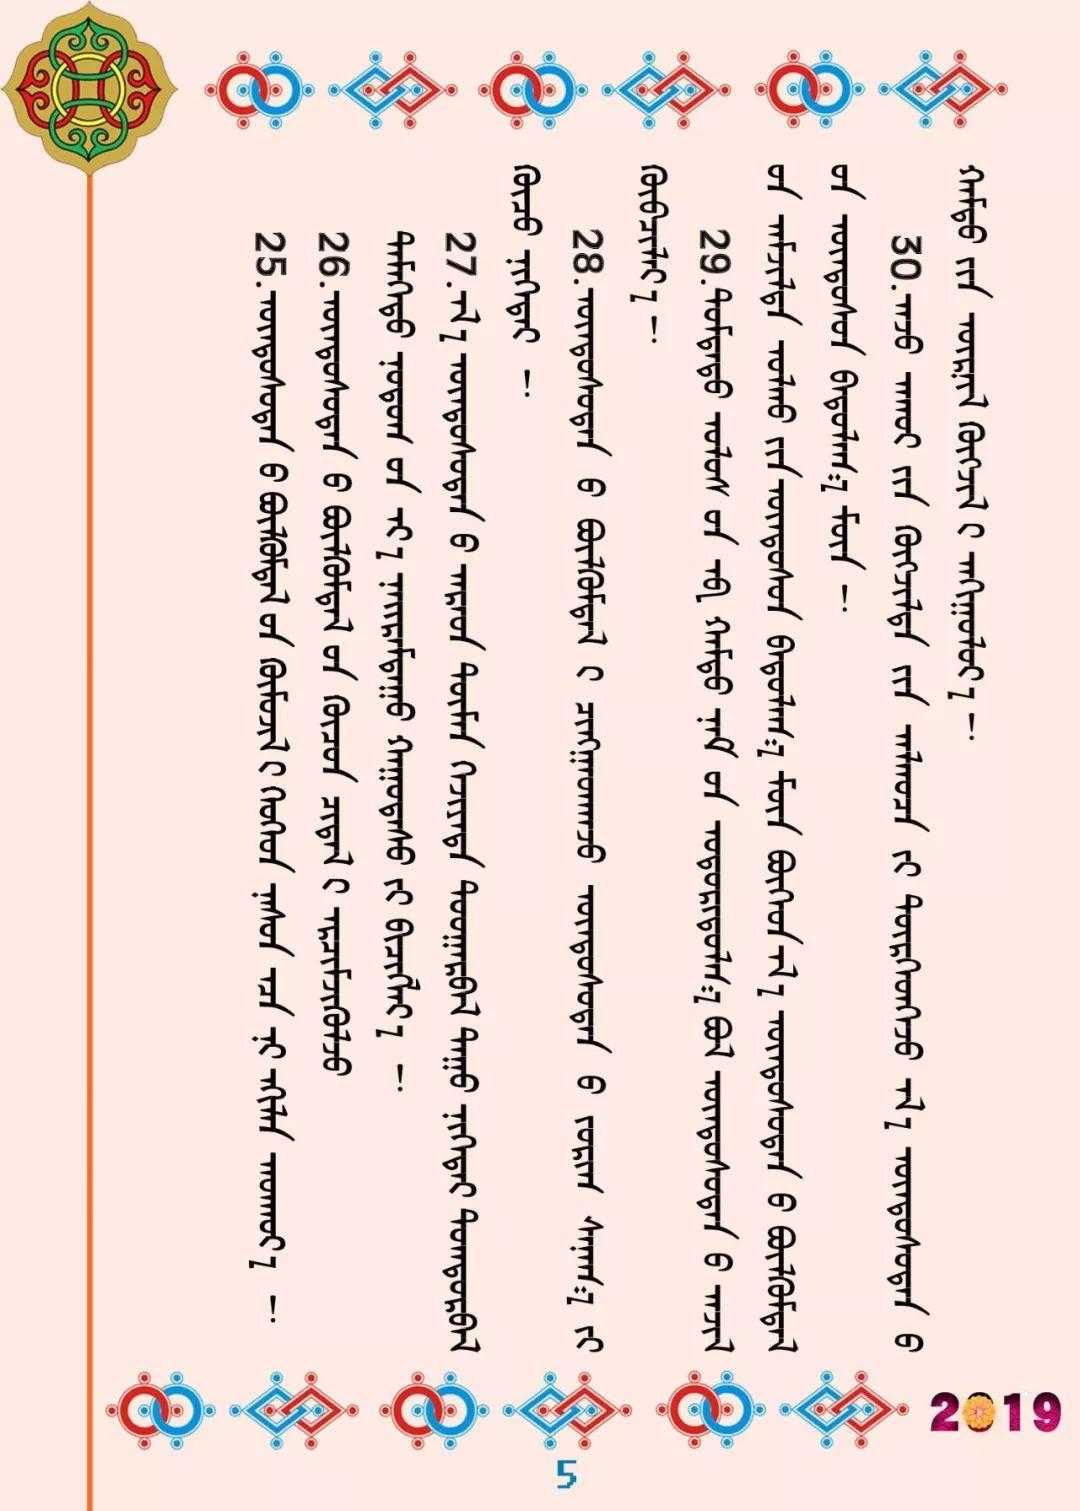 【蒙古文】阿拉善盟民族团结进步宣传标语(蒙汉双语) 第5张 【蒙古文】阿拉善盟民族团结进步宣传标语(蒙汉双语) 蒙古文库